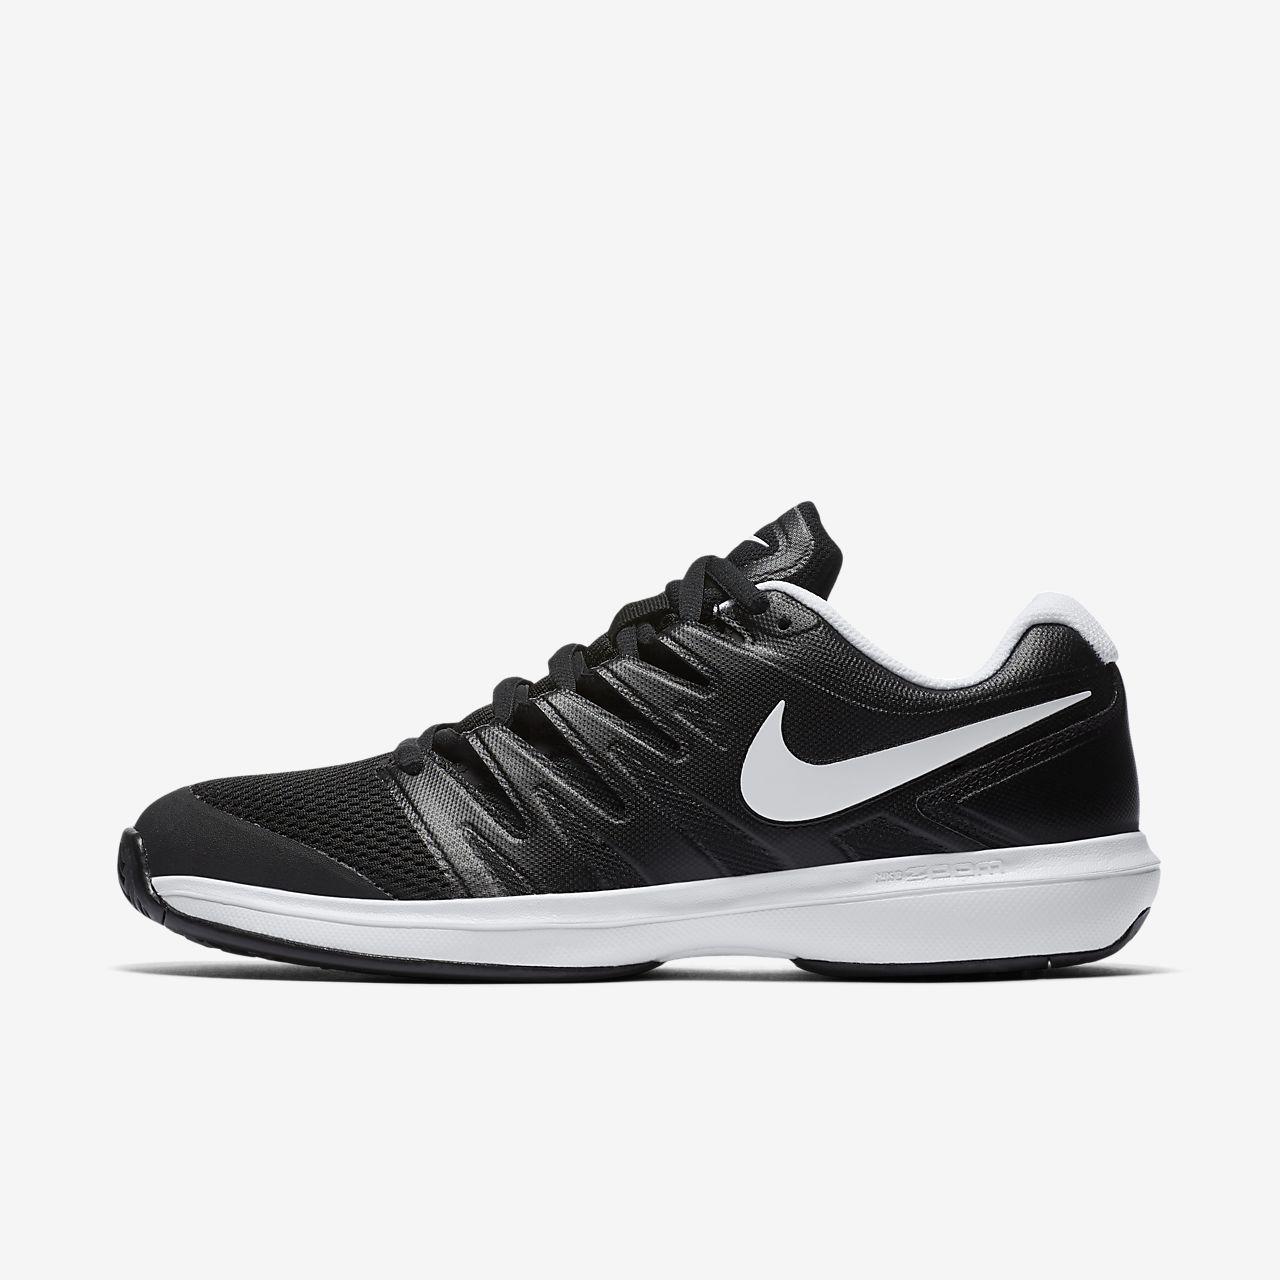 sale retailer 9d6ff 117f7 ... Chaussure de tennis NikeCourt Air Zoom Prestige Hard Court pour Homme